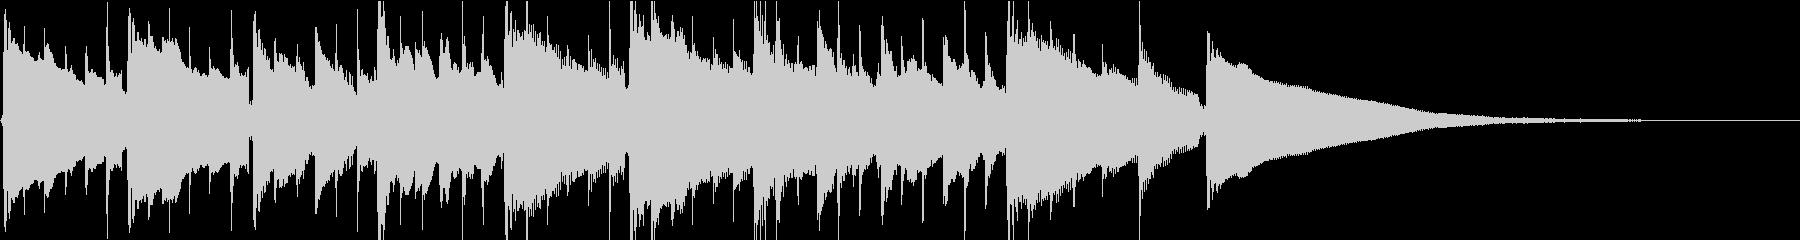 ハーモニクスが美しいガットギタージングルの未再生の波形